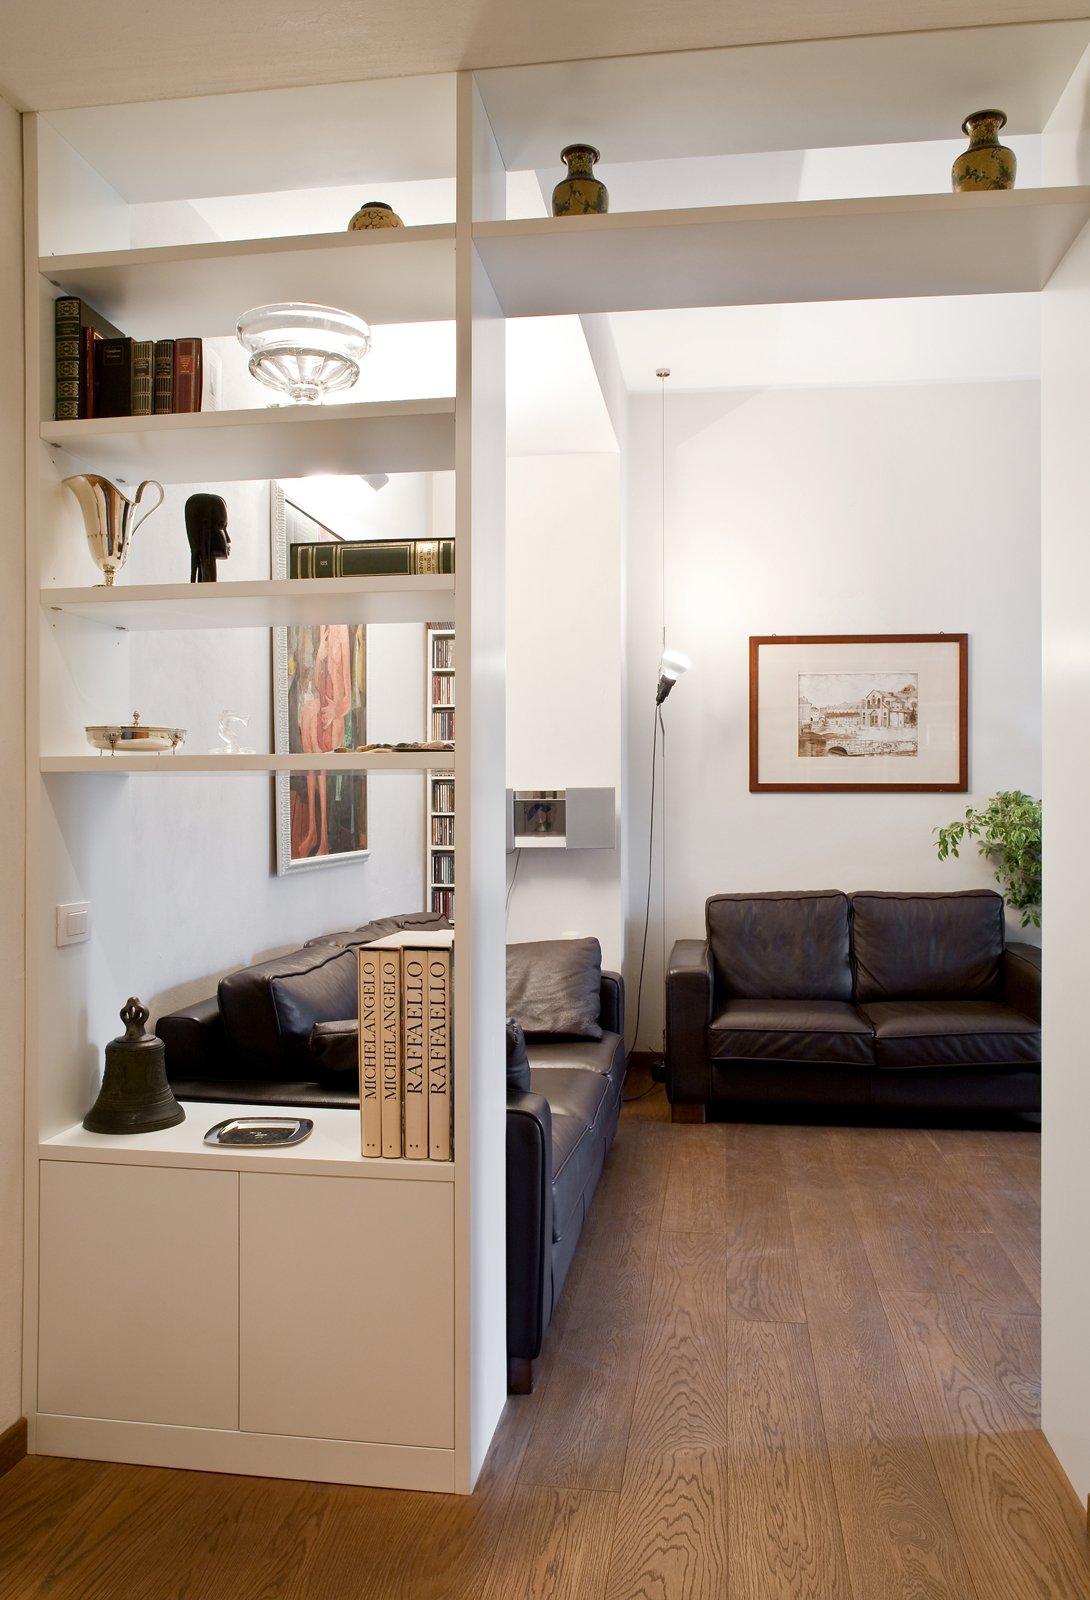 Una casa di 80 mq superfunzionali cose di casa - Quanto costa cucina ikea ...